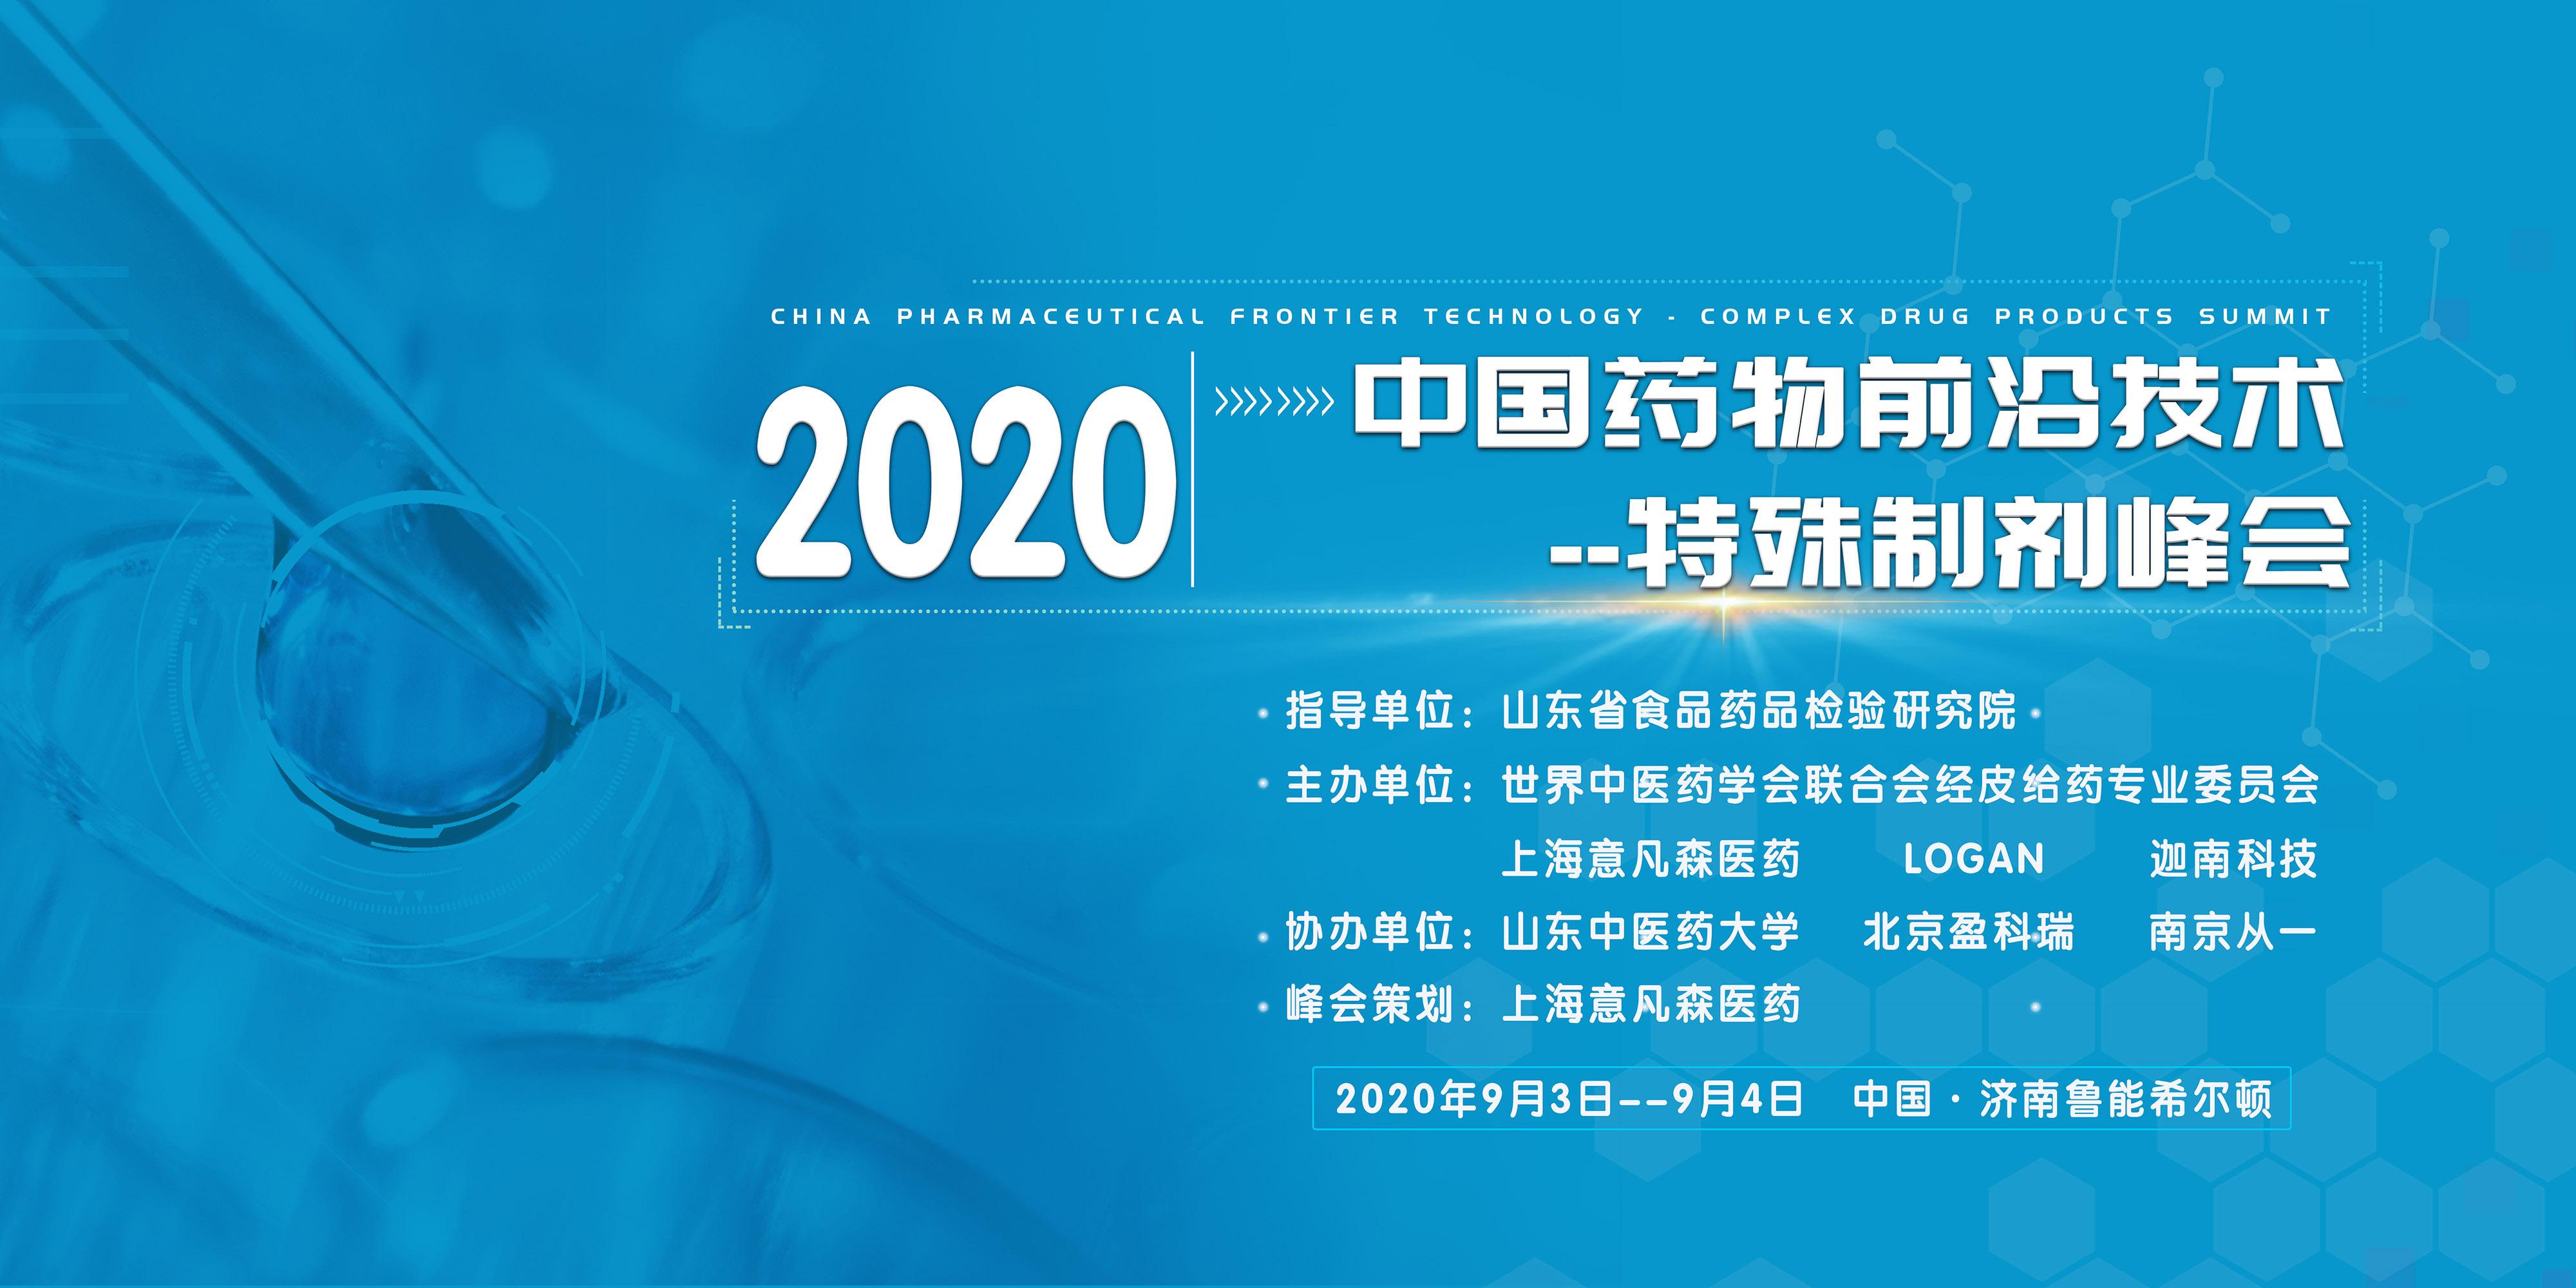 2020中国药物前沿技术--特殊制剂峰会